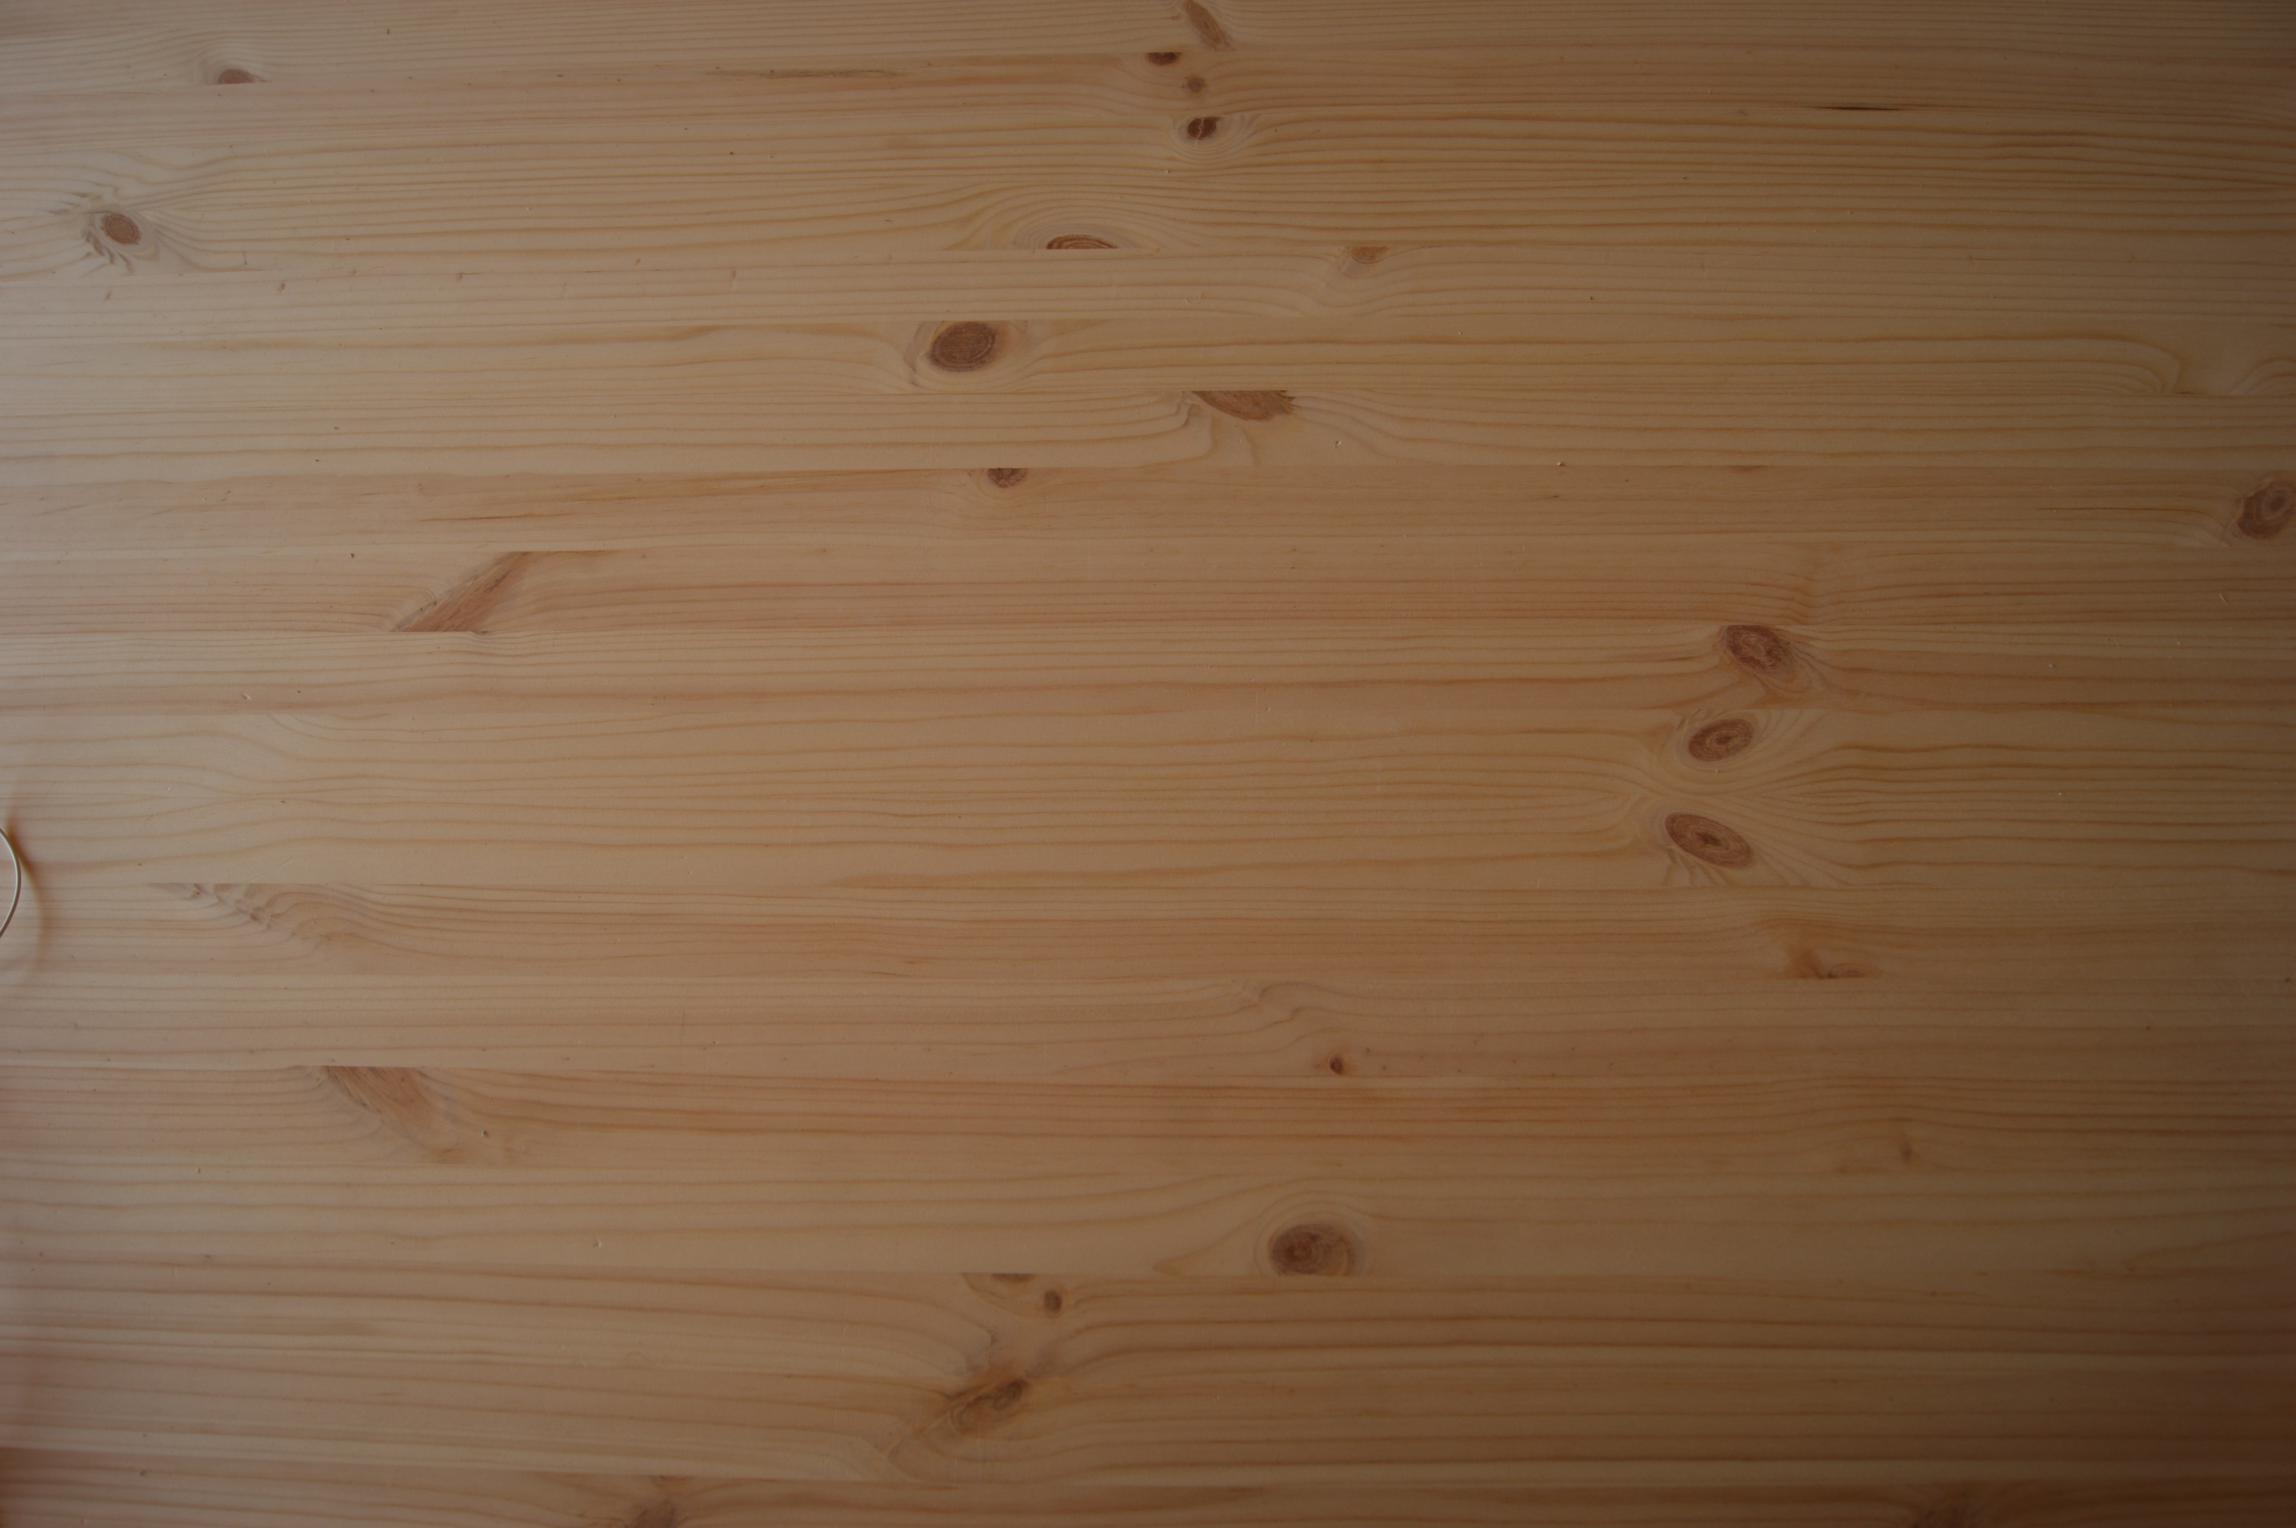 llistons de fusta encolats